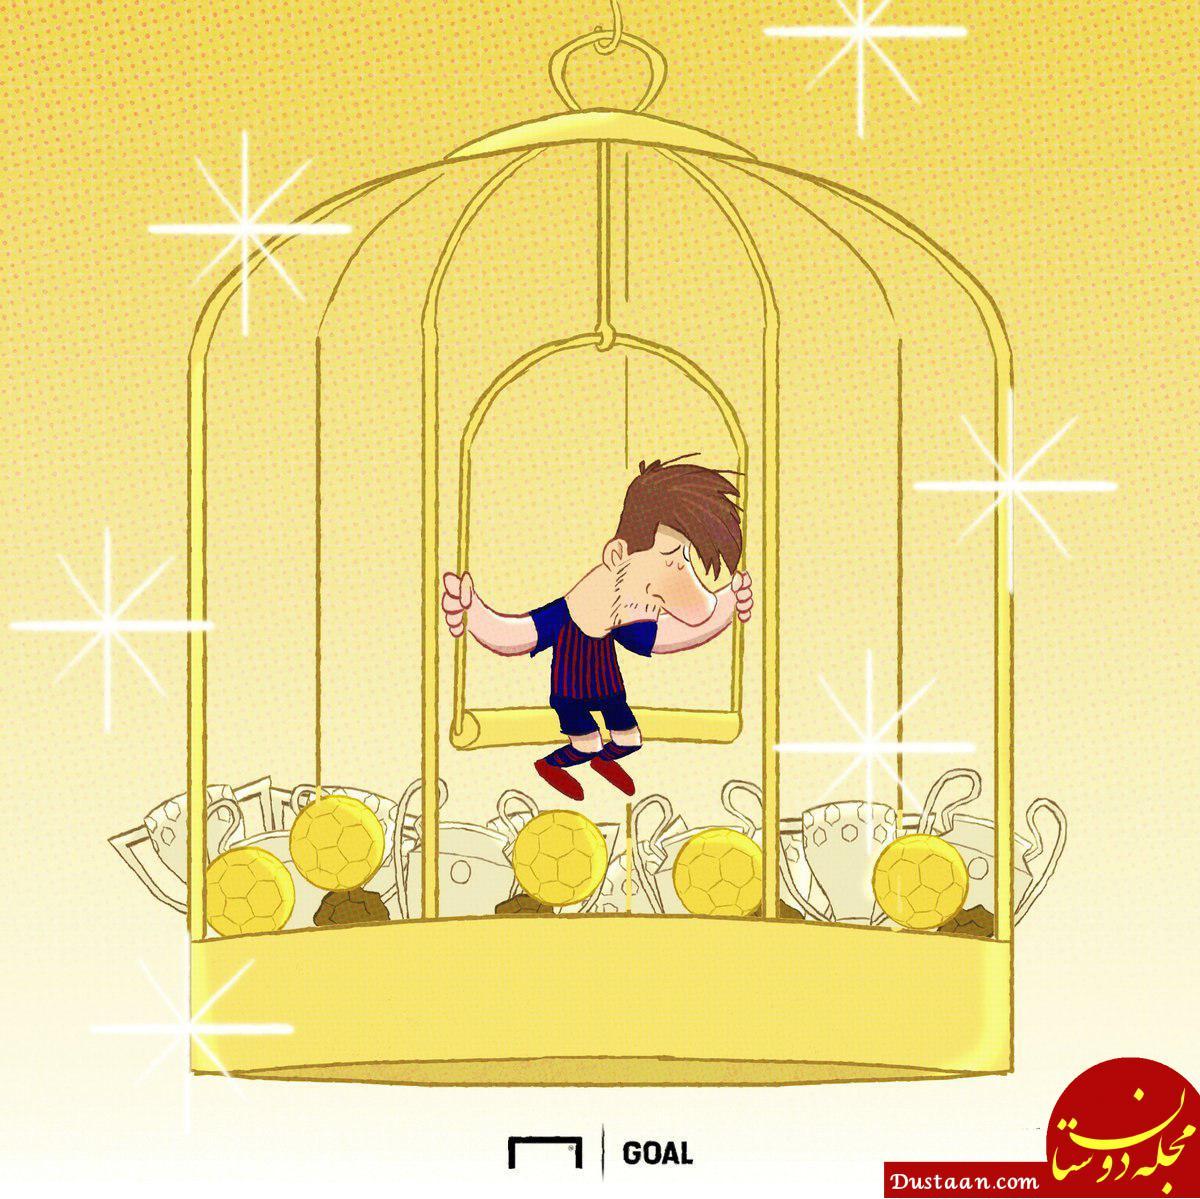 www.dustaan.com زندگی لوکس مسی در یک زندان طلایی! +عکس